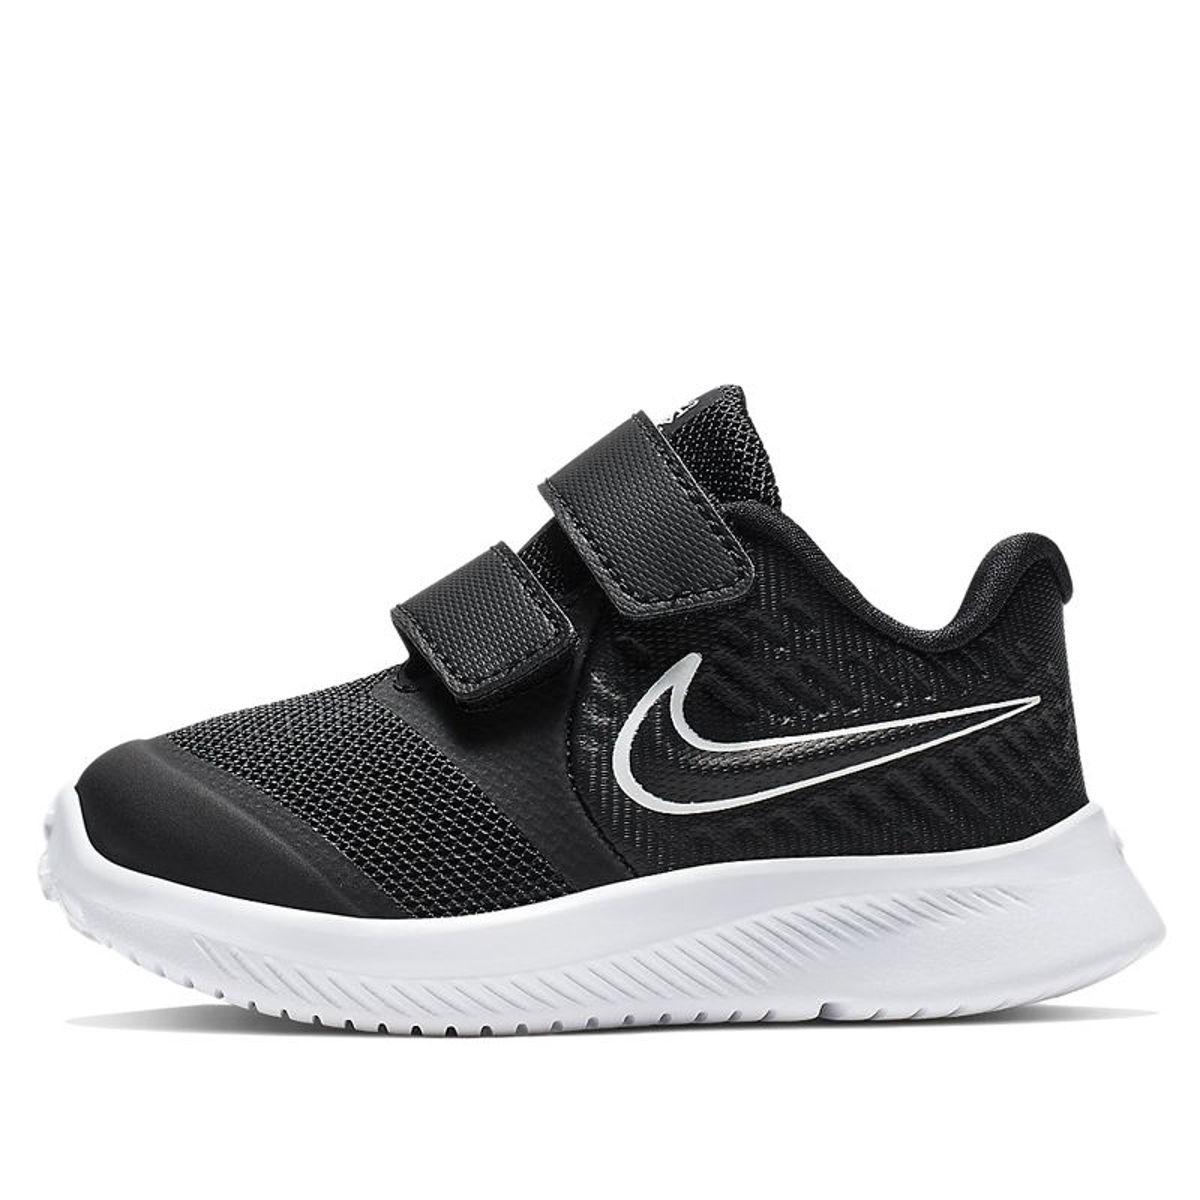 Bilde av Nike  NIKE STAR RUNNER 2 (TDV) AT1803-001